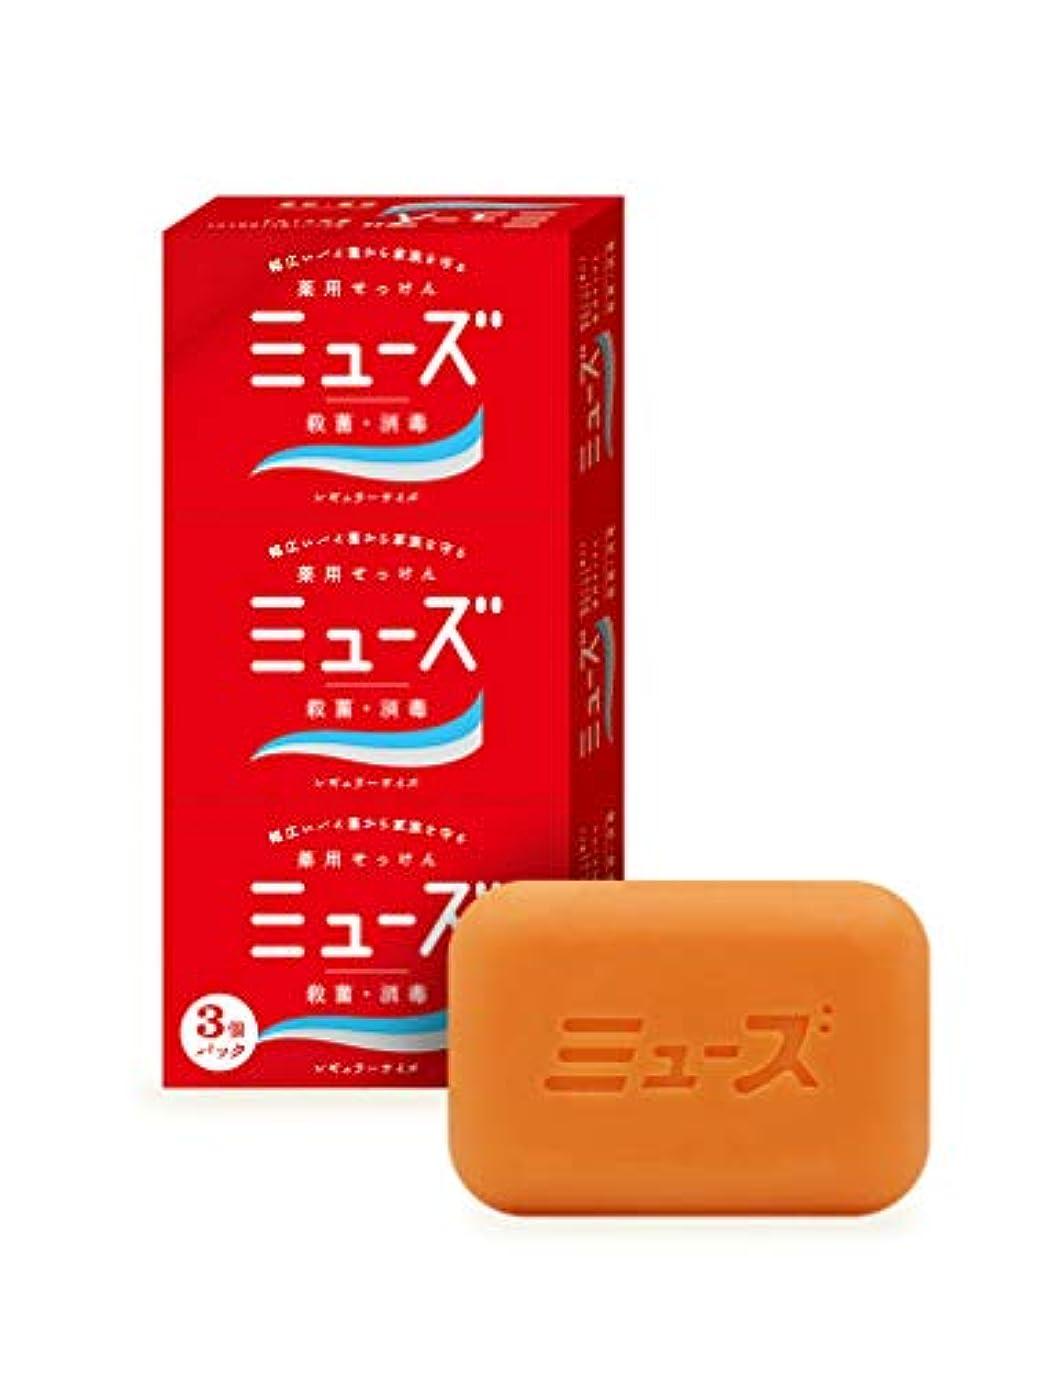 精度床を掃除する投獄【医薬部外品】ミューズ石鹸 レギュラー 95g×3個パック